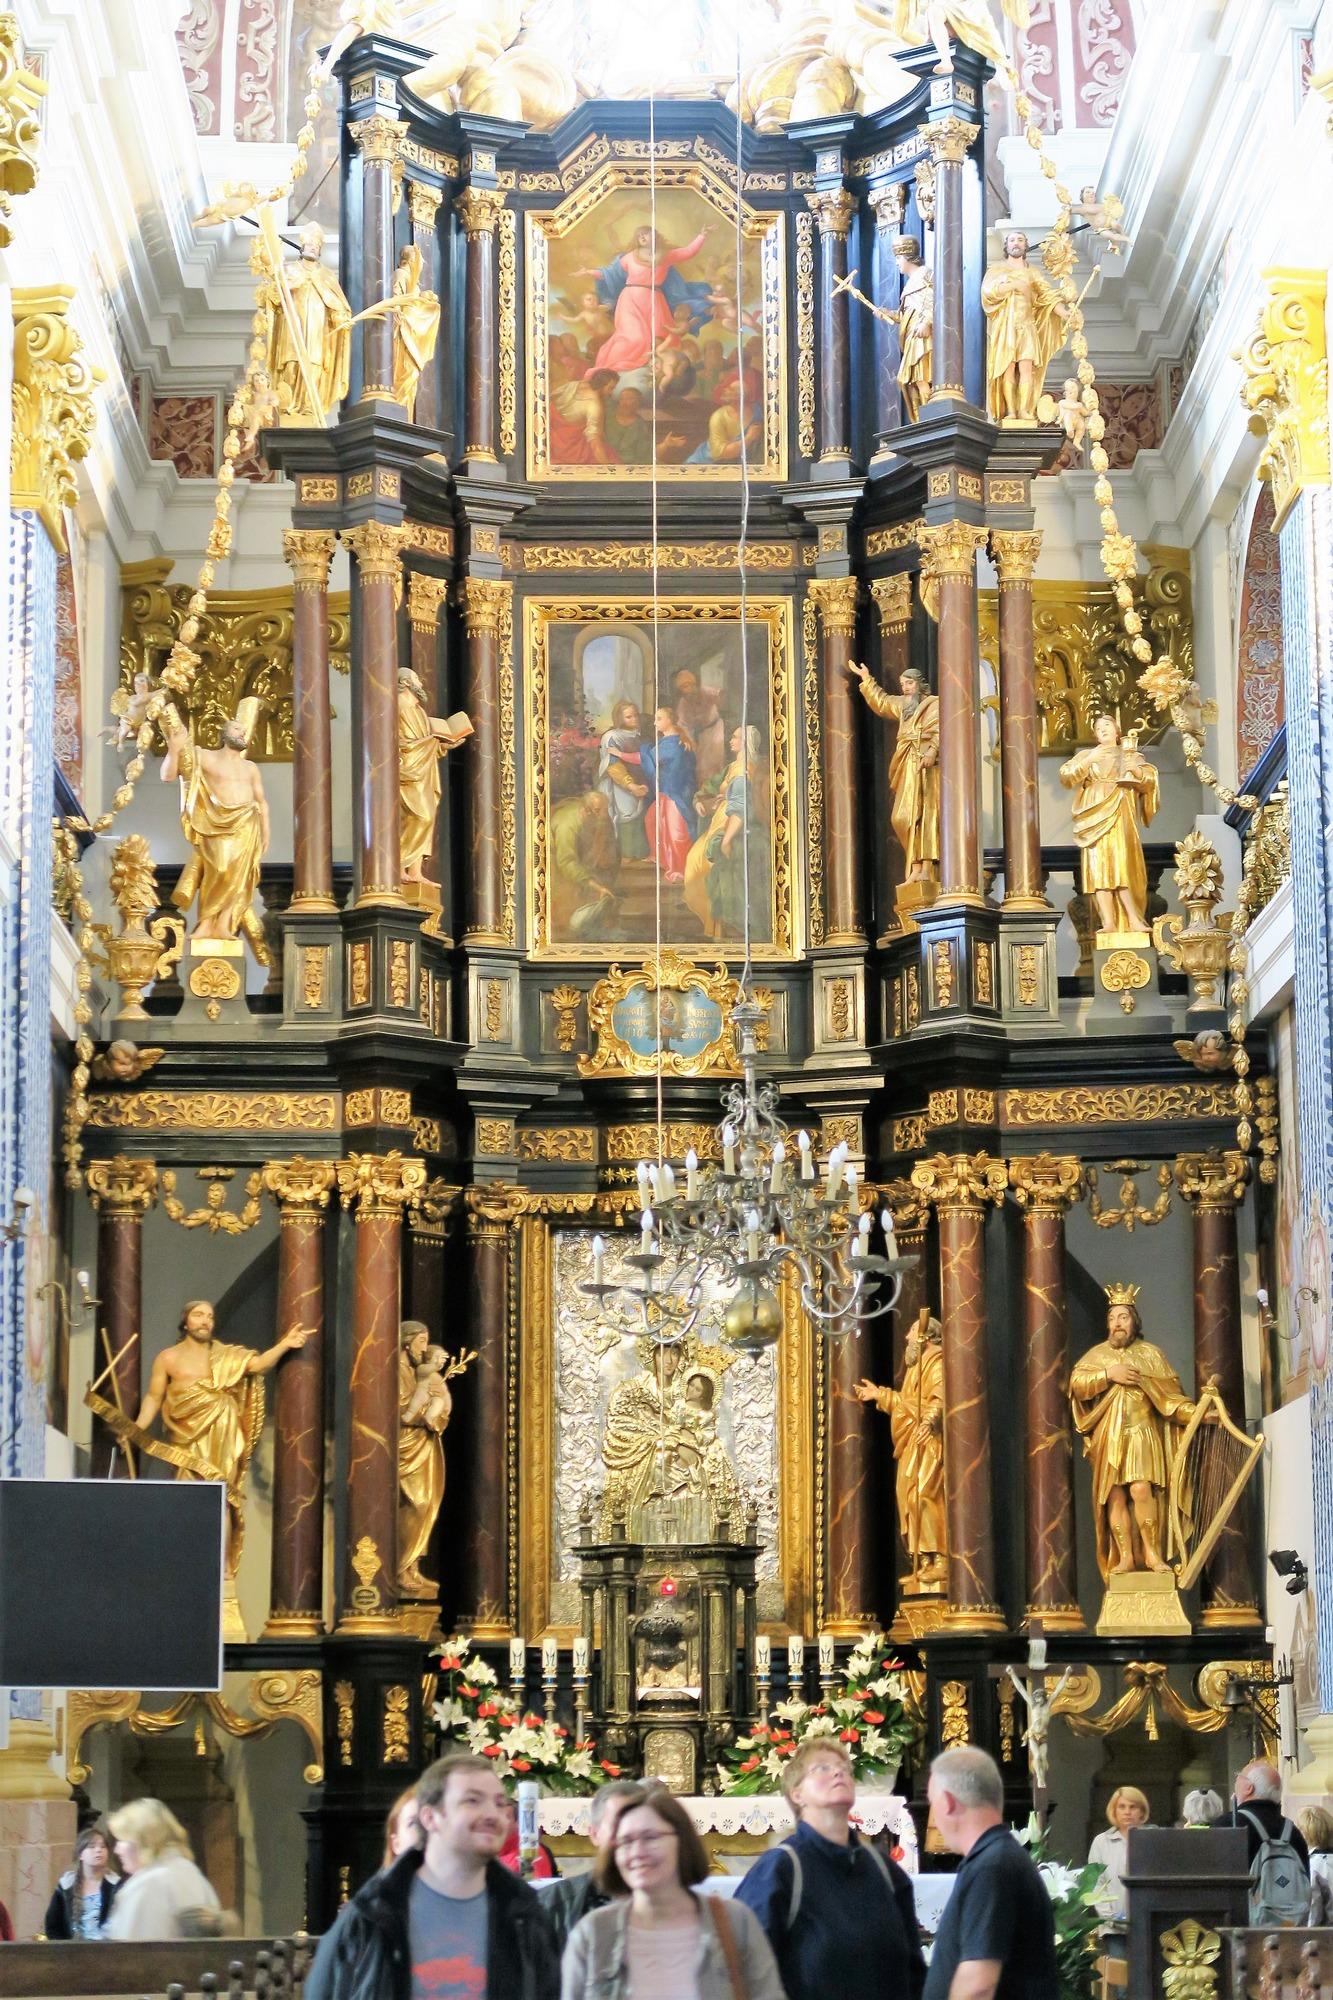 ŚWIĘTA LIPKA (Pl) L'Eglise